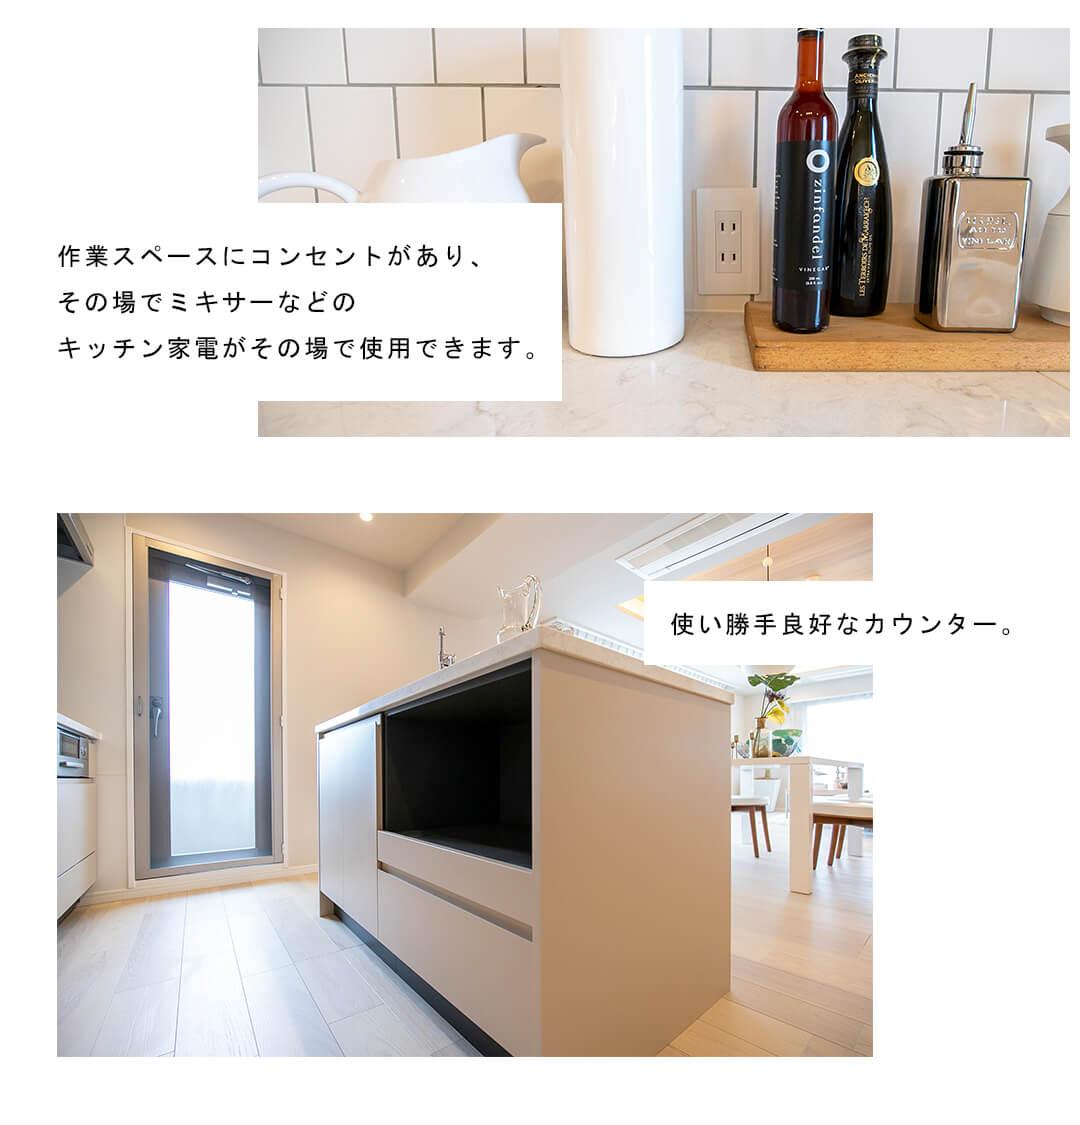 幡ヶ谷ハイムグランシスのキッチン